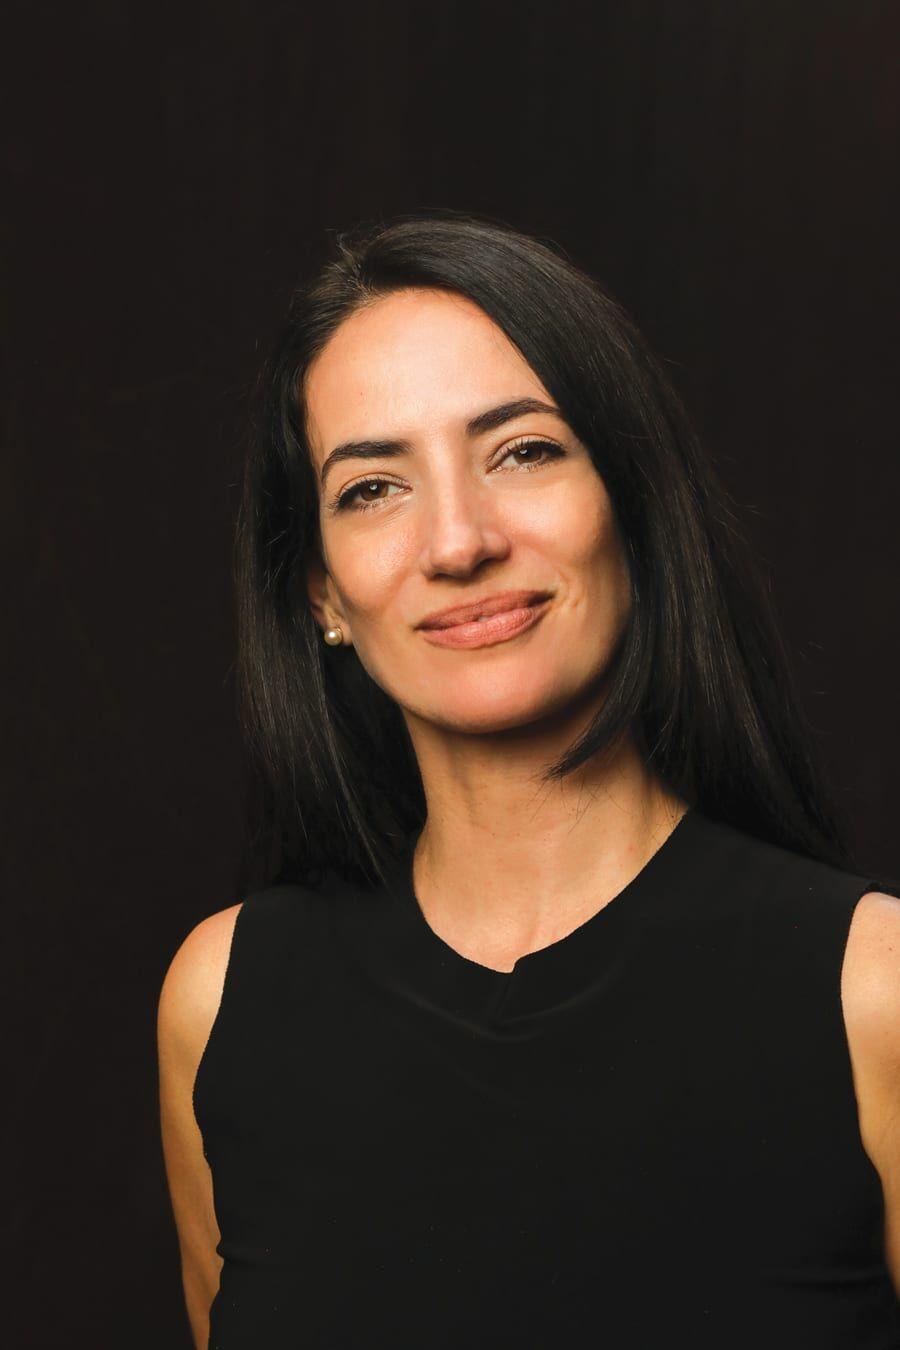 Aydmara Cabrera headshot photo by Noel Valero